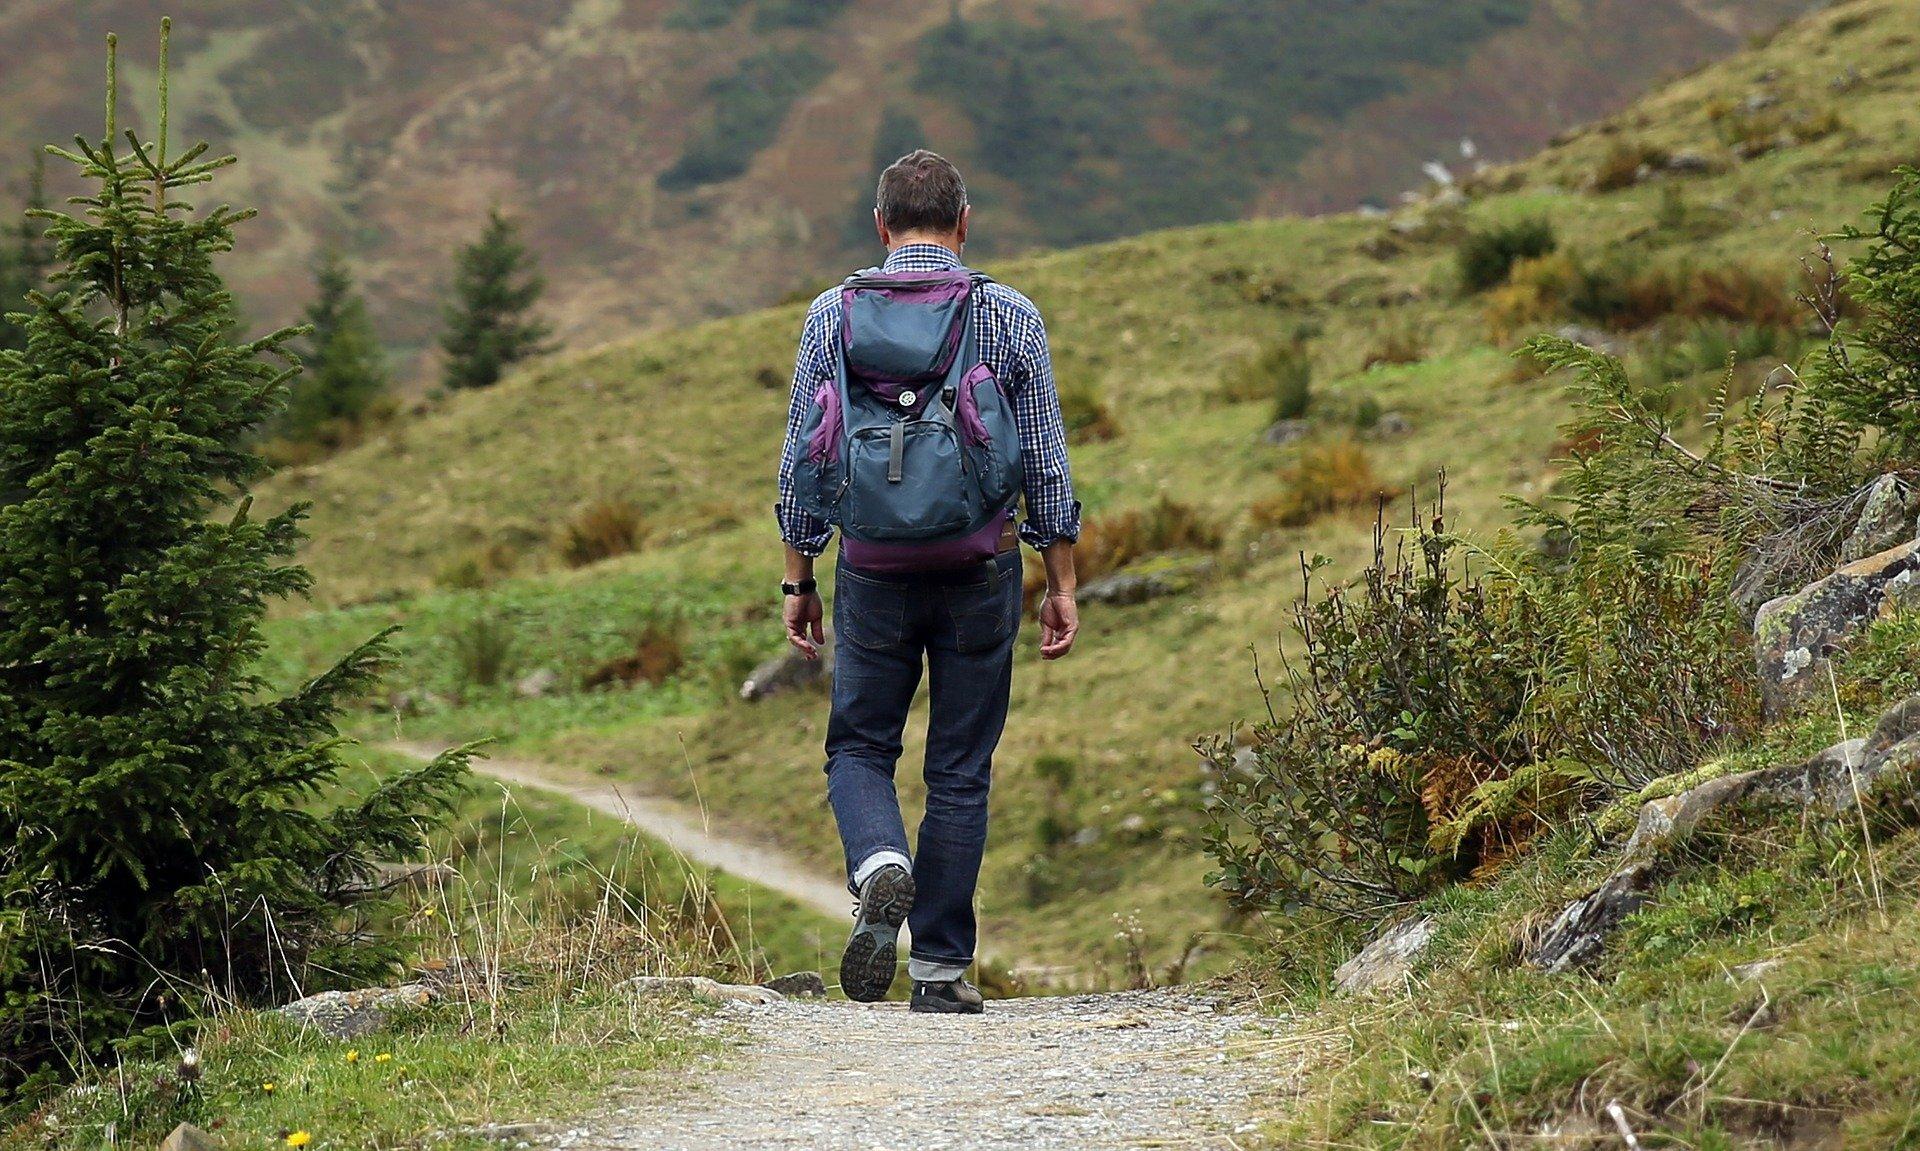 Hiking Essentials